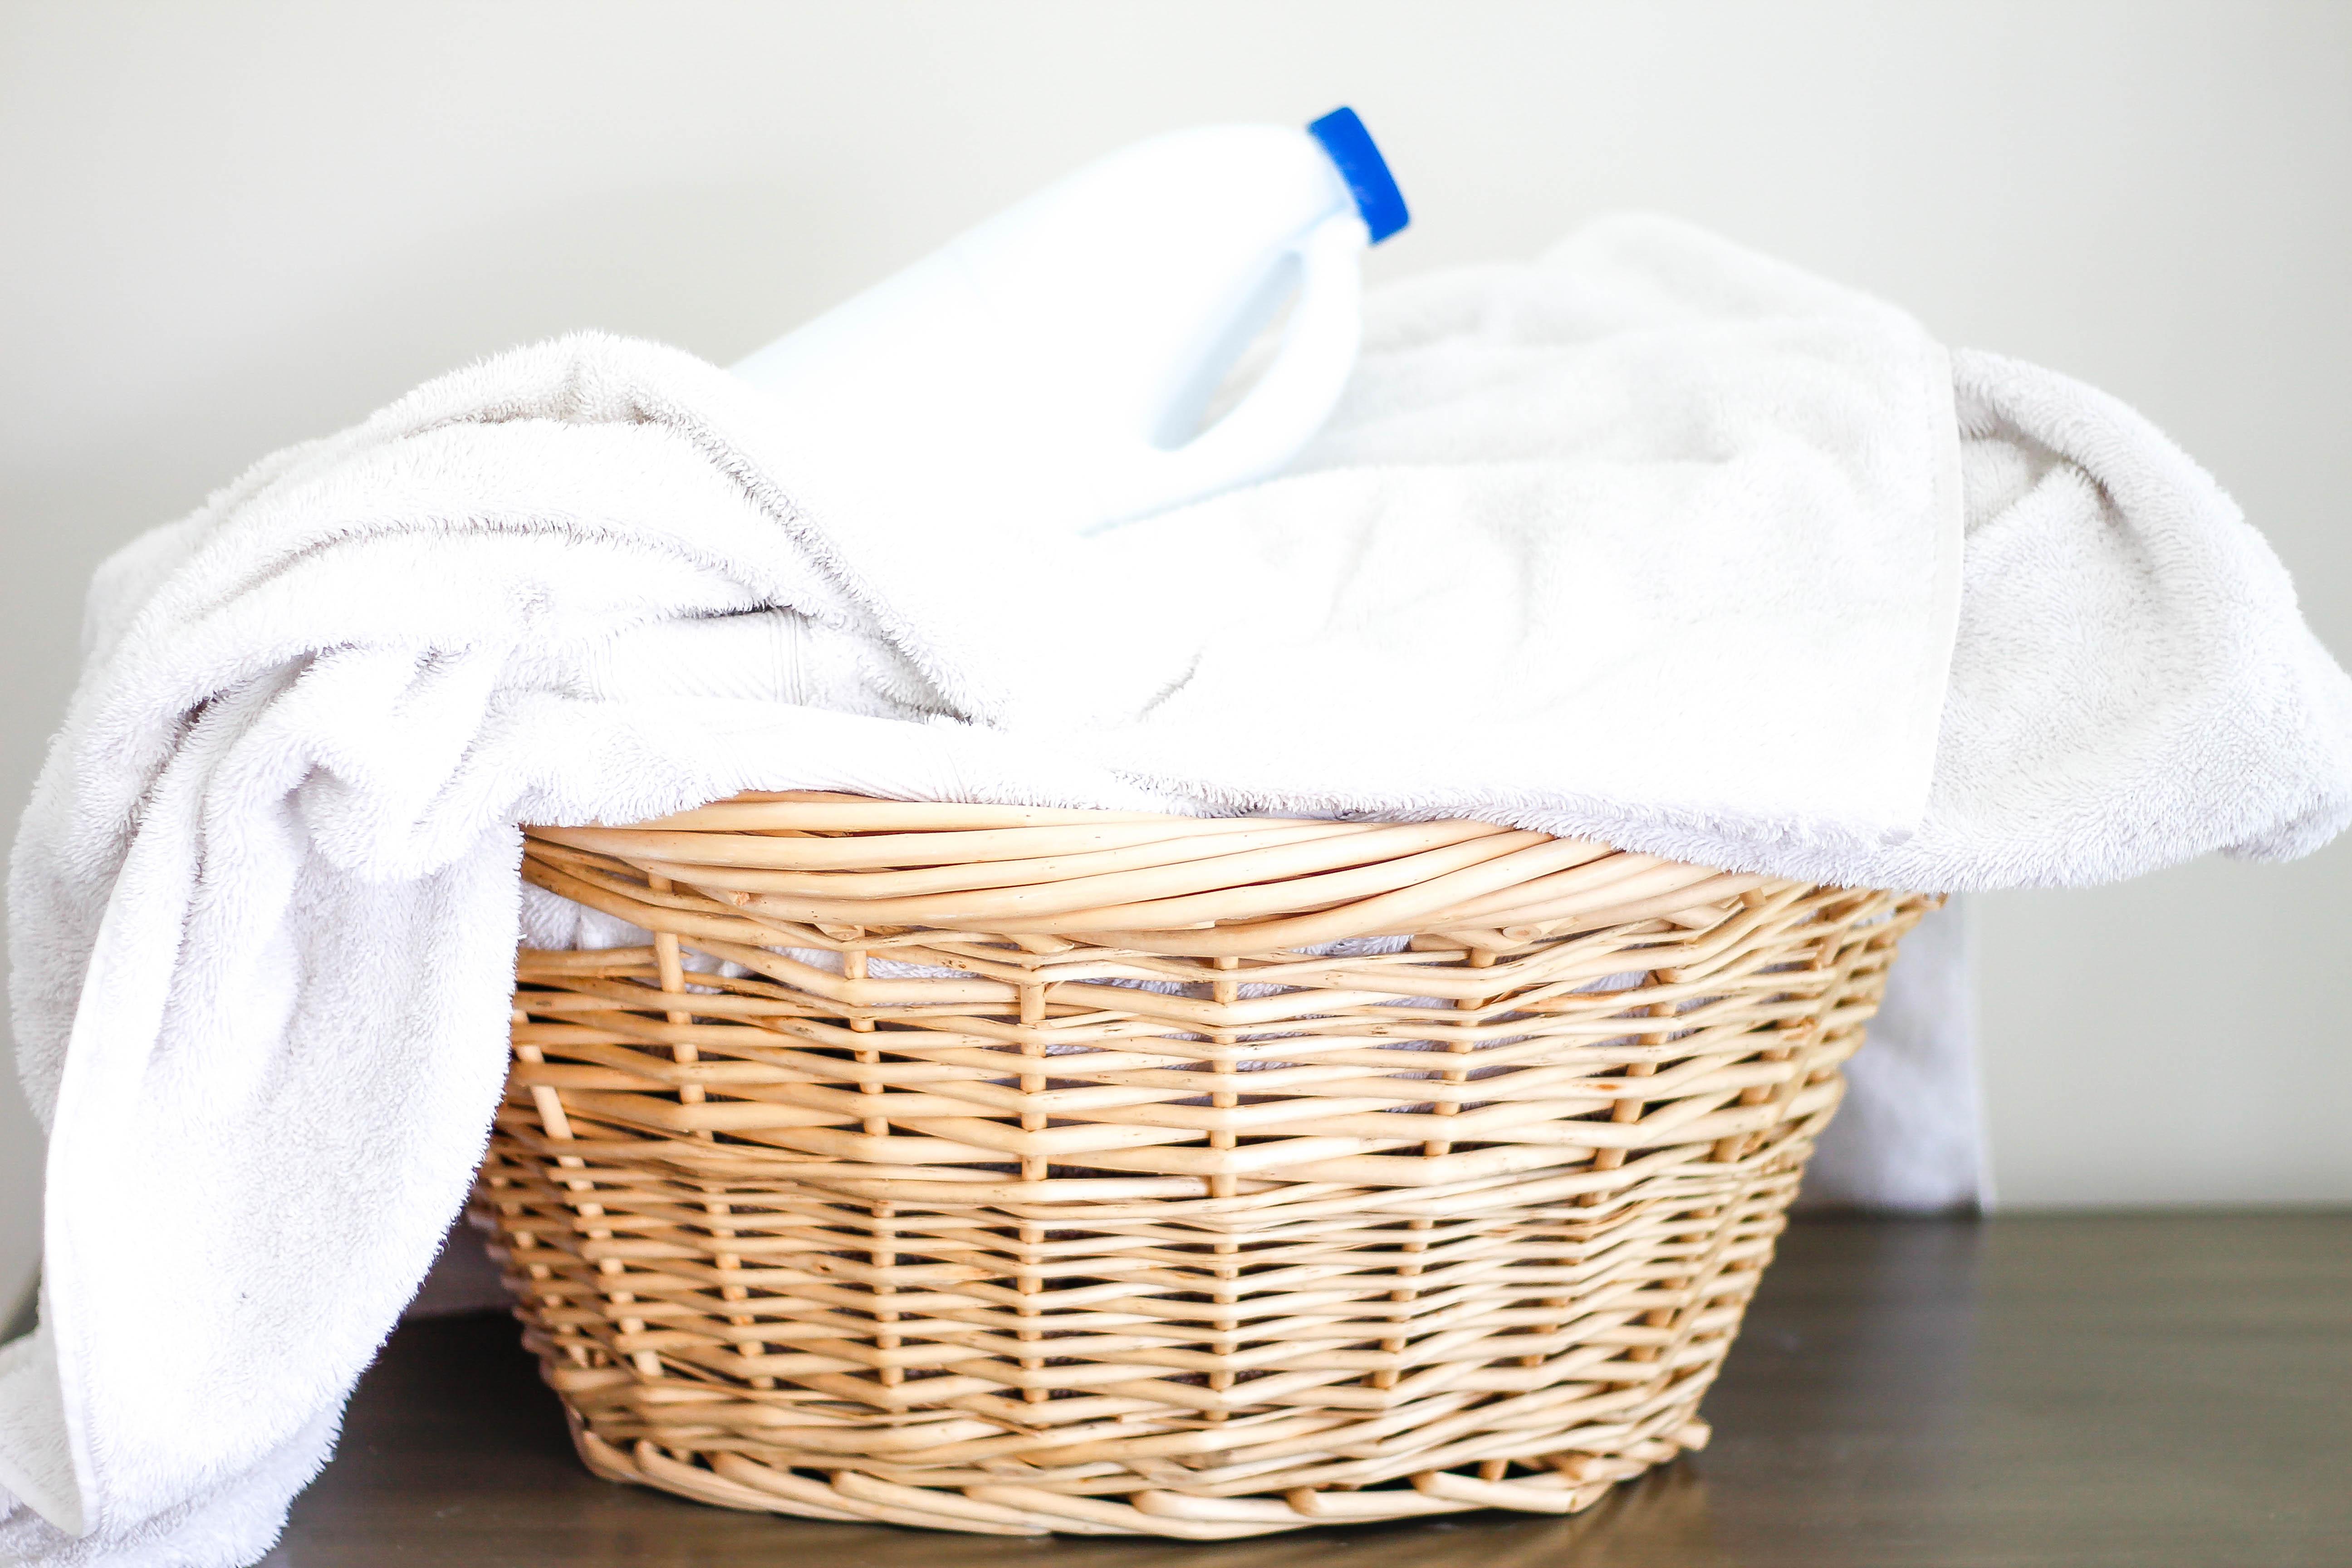 linge-blanc-lessive-spéciale-panier-à-linge-serviettes-blanches-éclatantes-propres